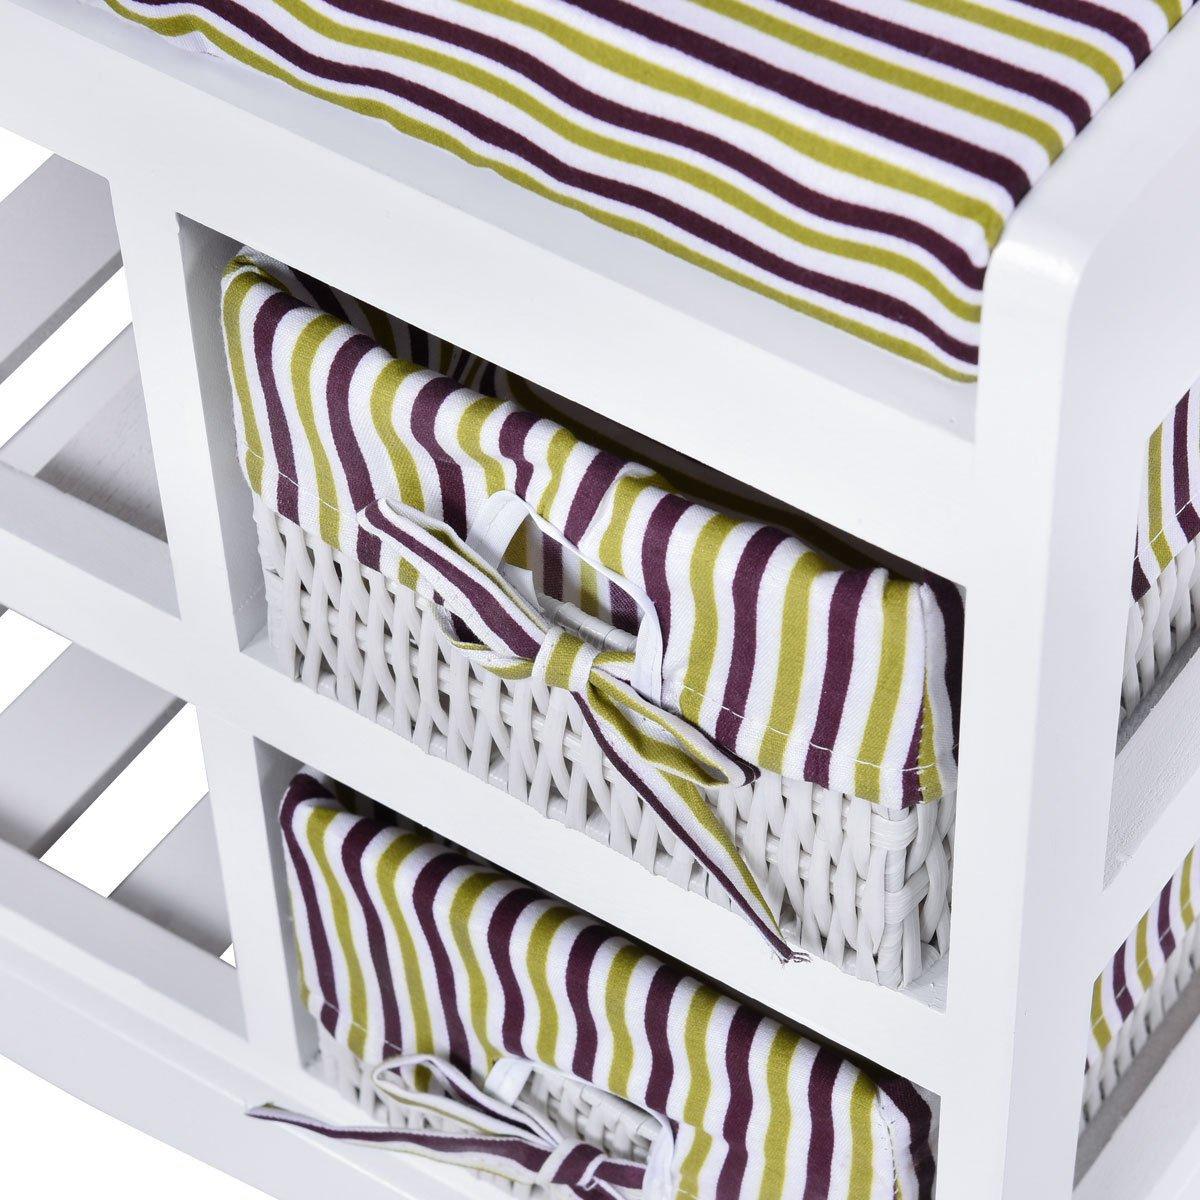 AyaMastro 2Tier White Wooden Storage Shoe Bench Organizer Seat w/ 2 Drawer with Ebook